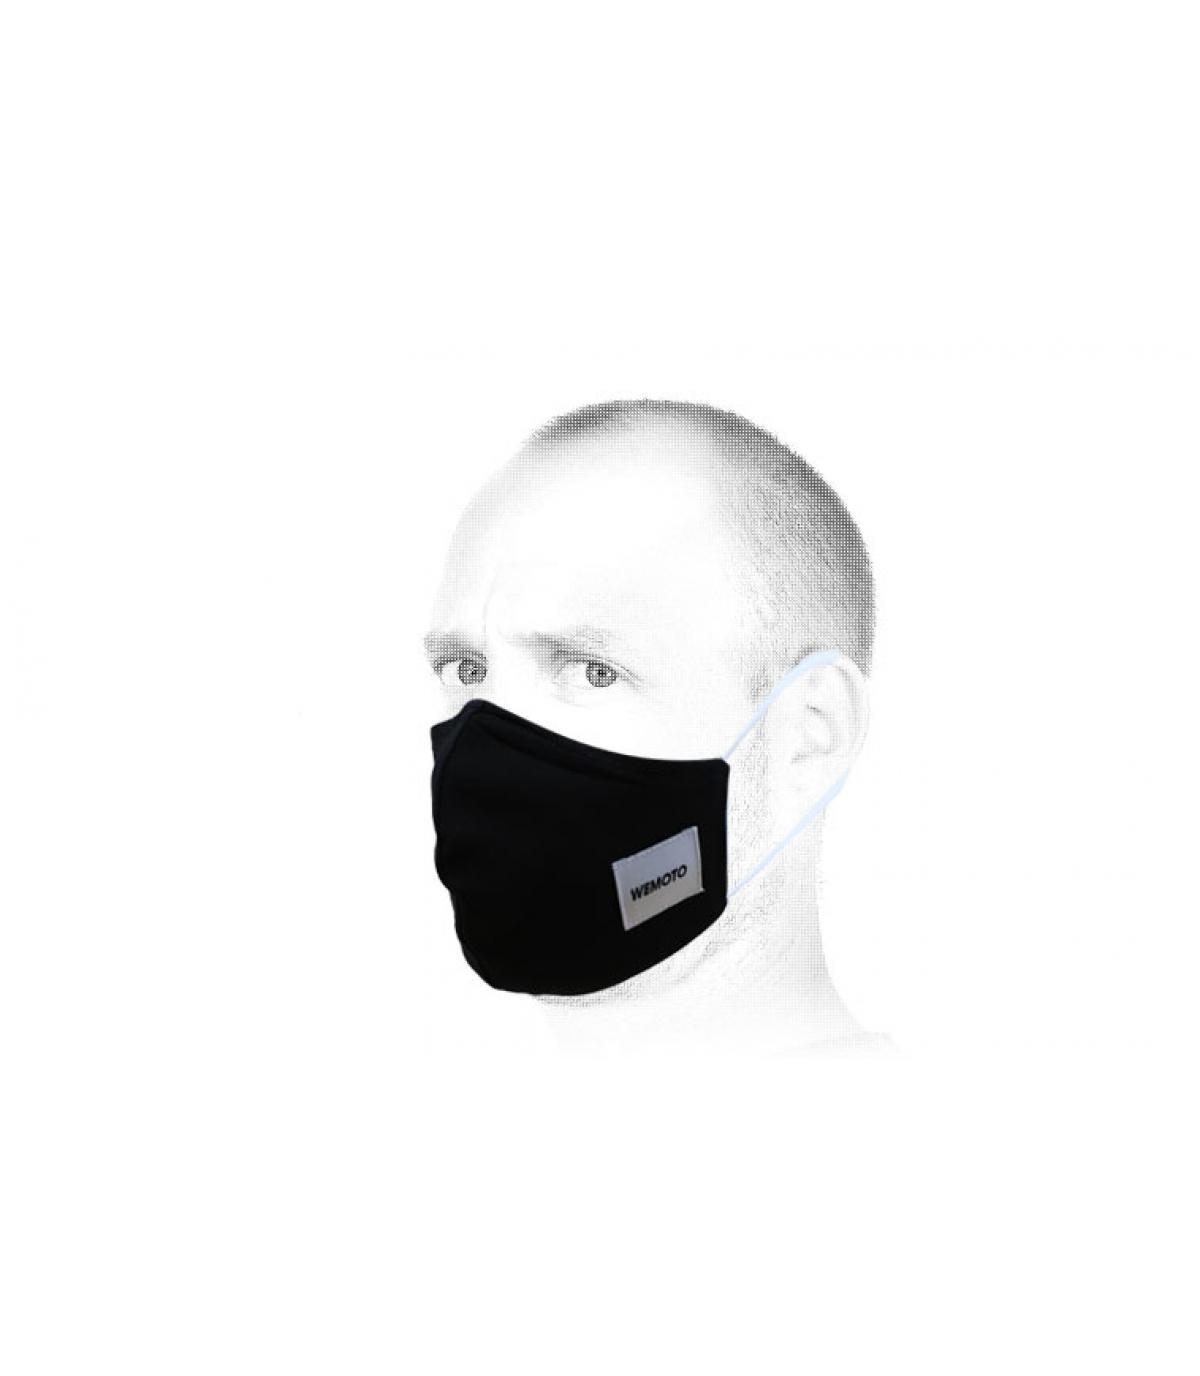 Maschera nera di Wemoto